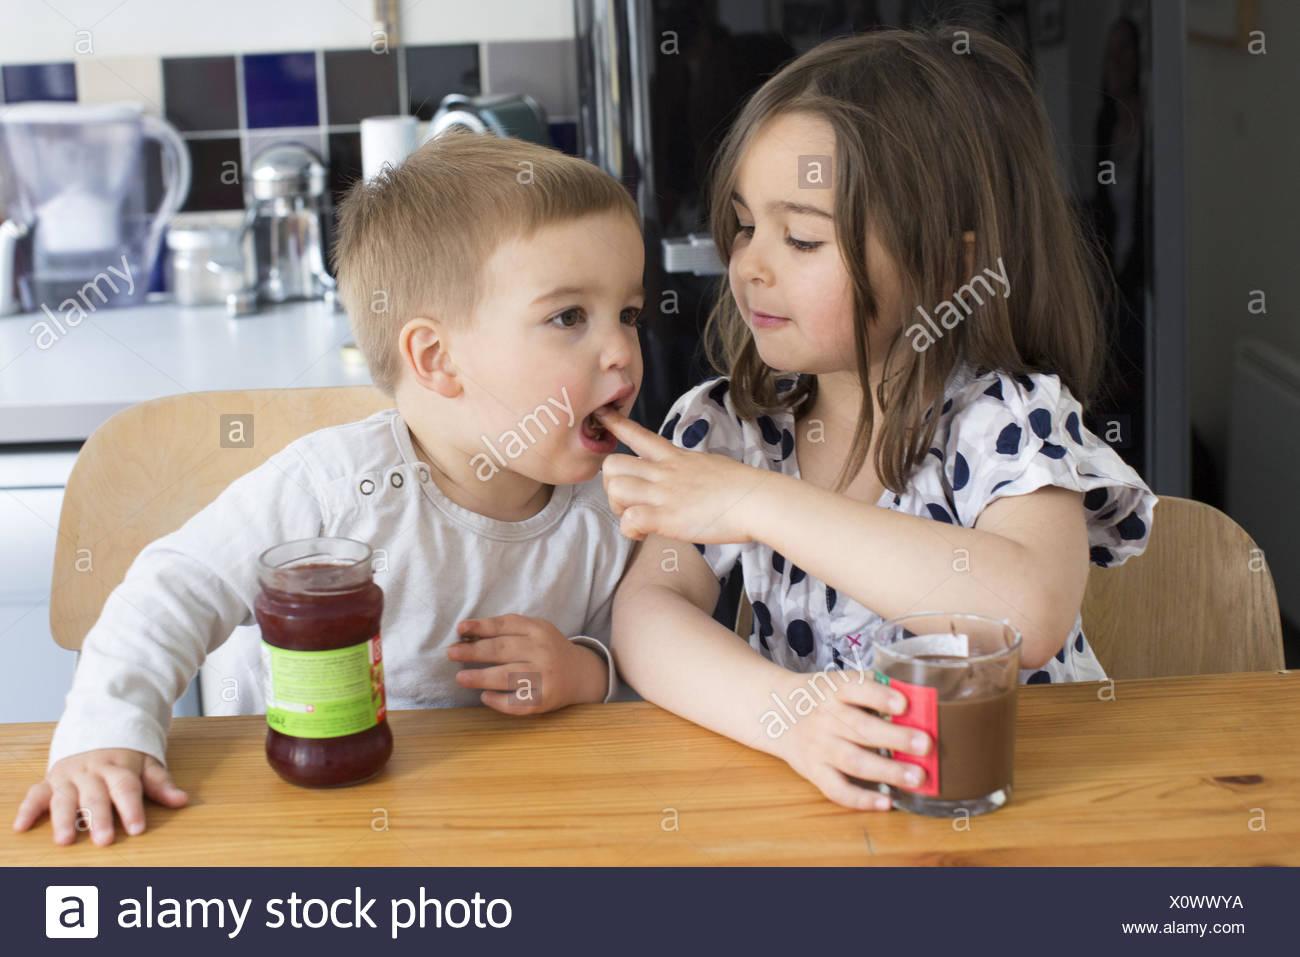 Dégustation de jeunes enfants contenu de bocaux avec leurs doigts Photo Stock